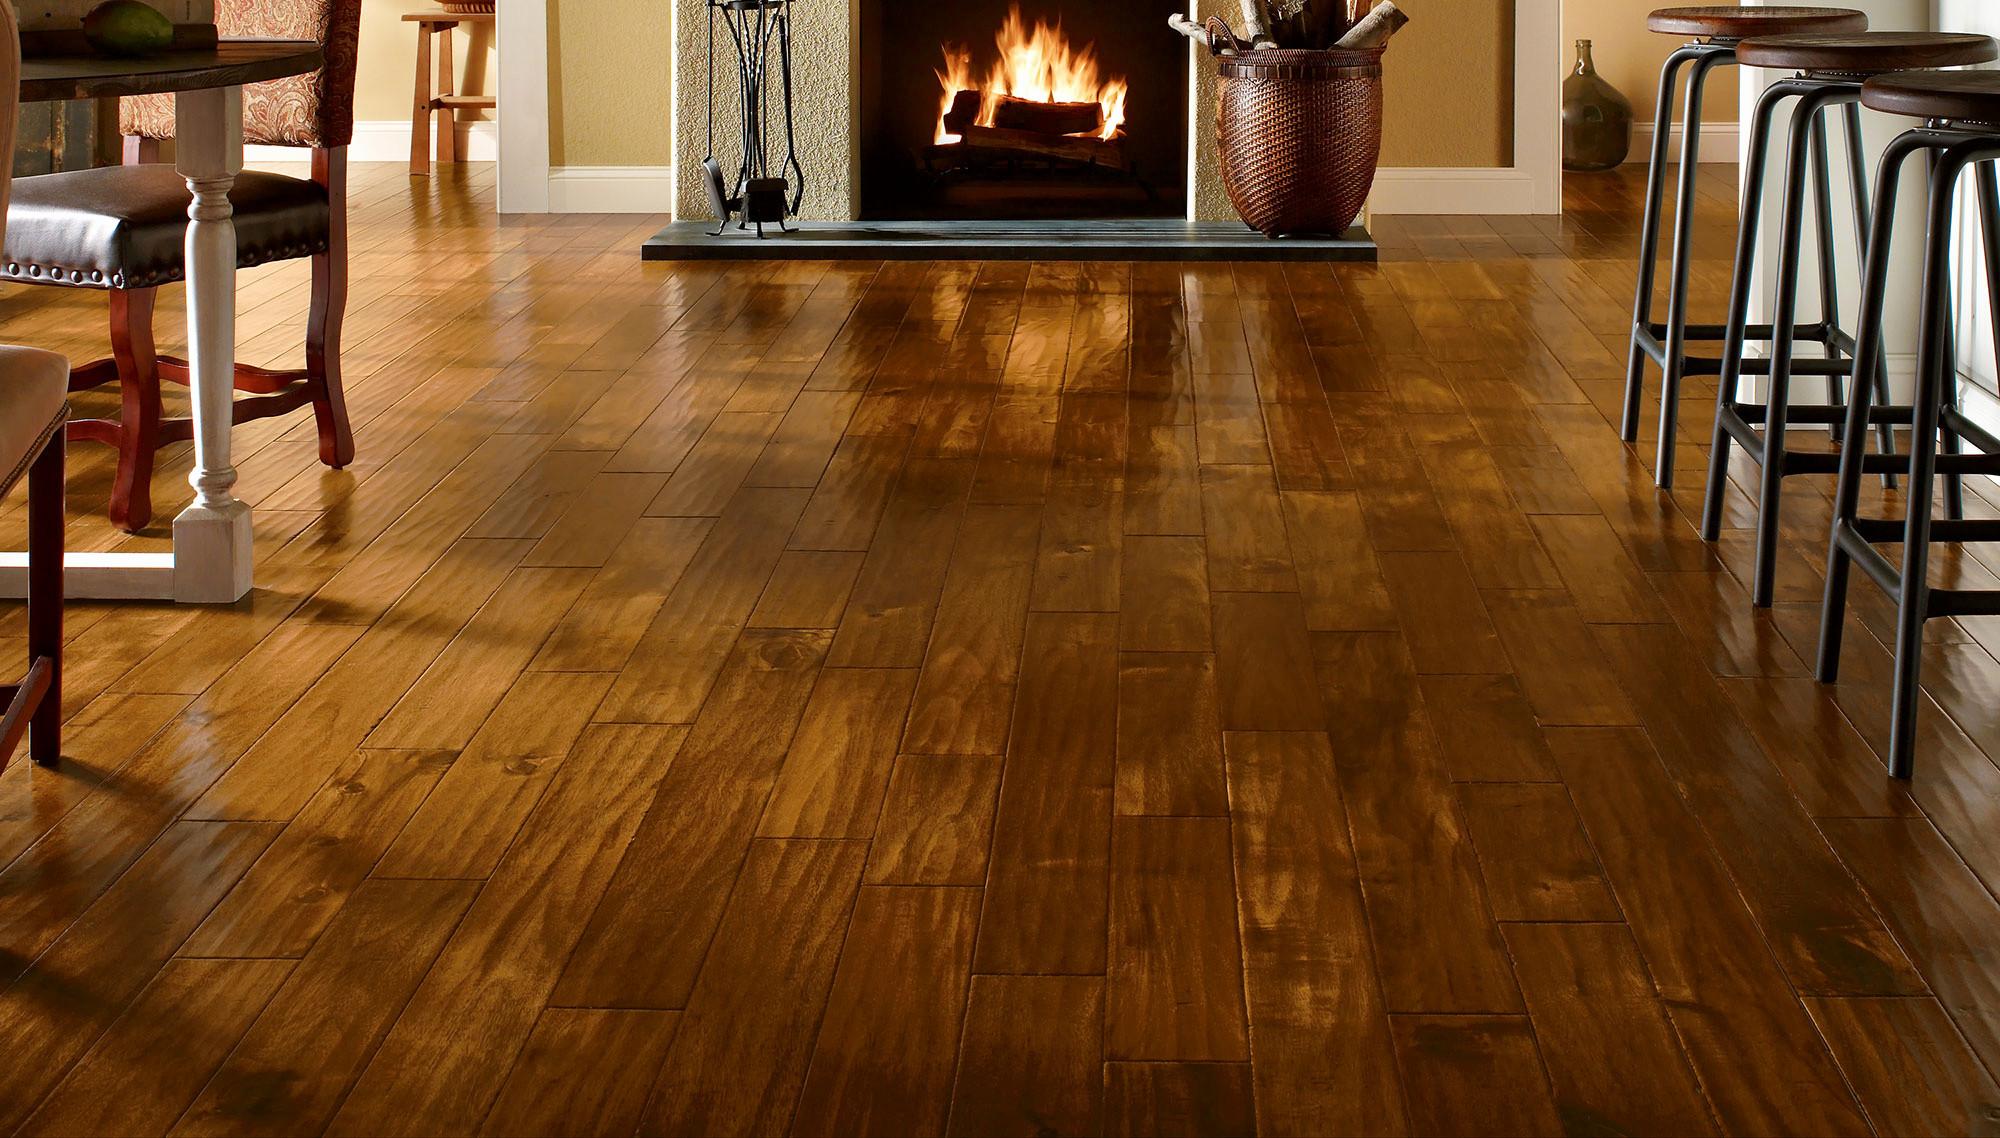 ts hardwood flooring of hardwoodfloor low voc canada archives wlcu pertaining to hardwood floor designs best of appealing discount hardwood flooring 1 big kitchen floor hardwood floor